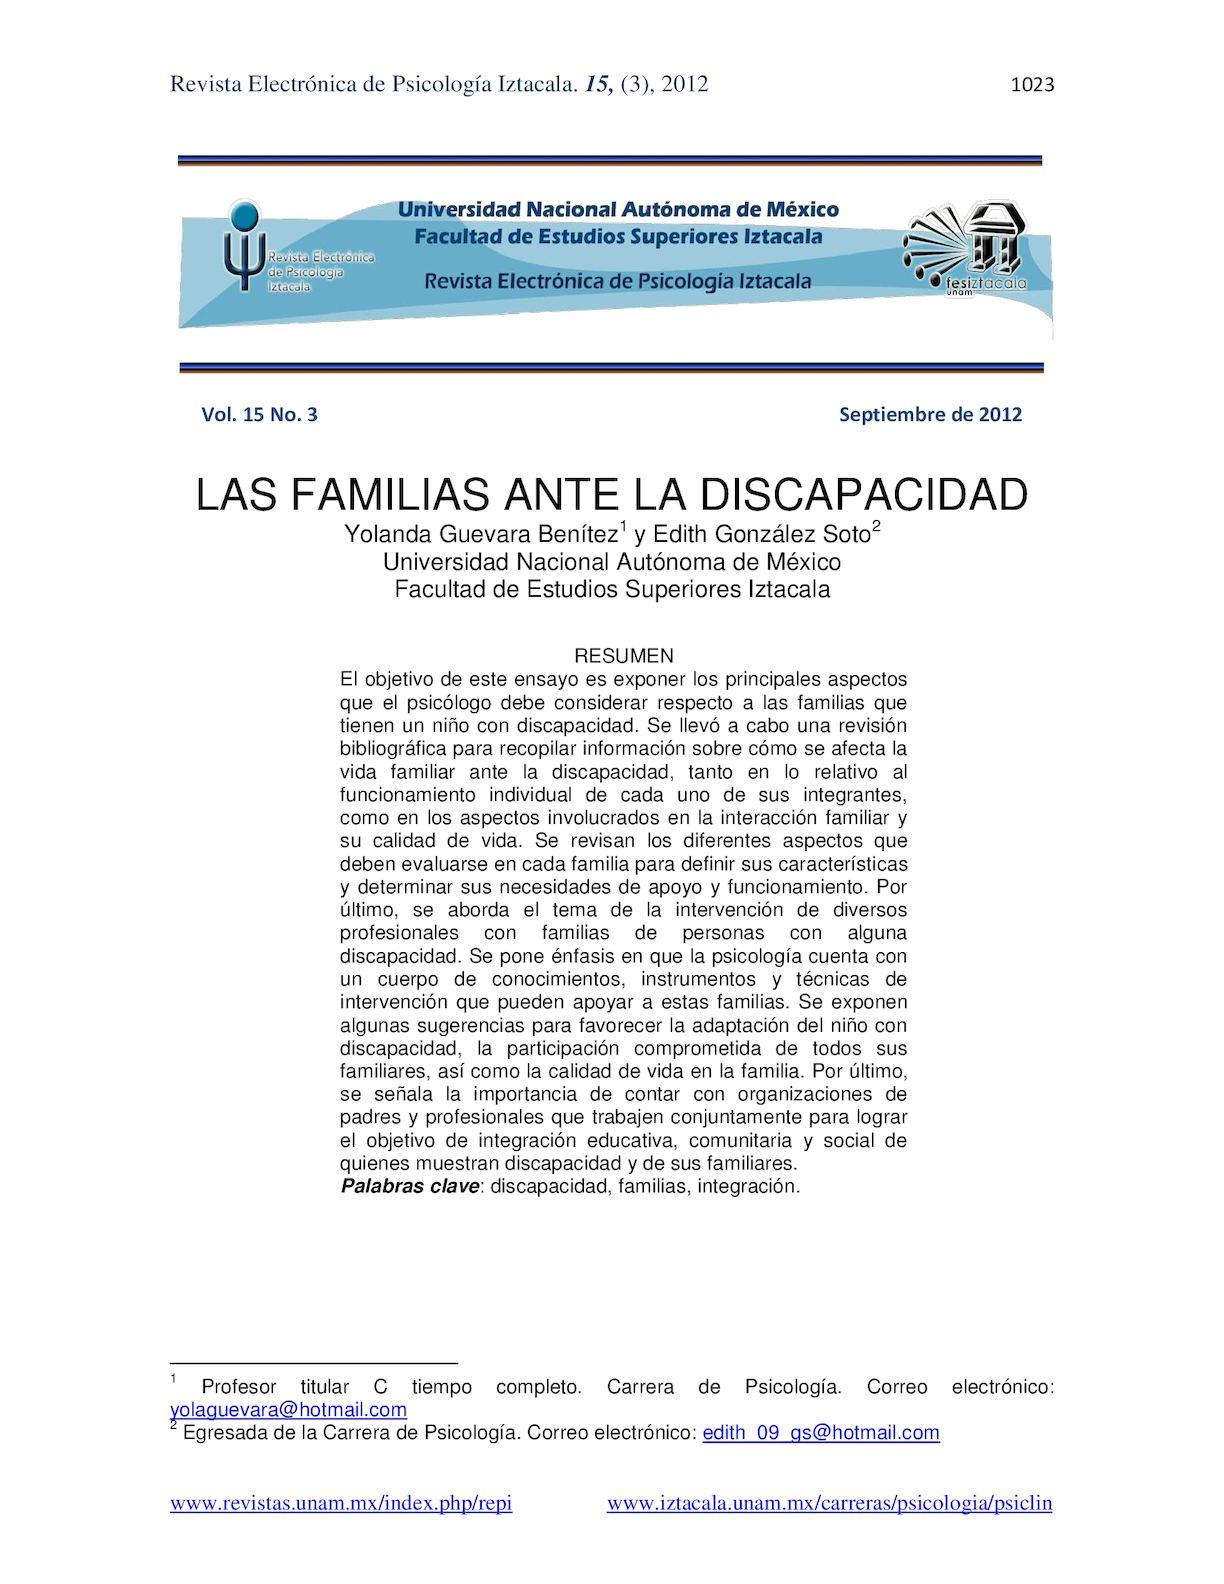 Calaméo - La Familia Ante La Discapacidad